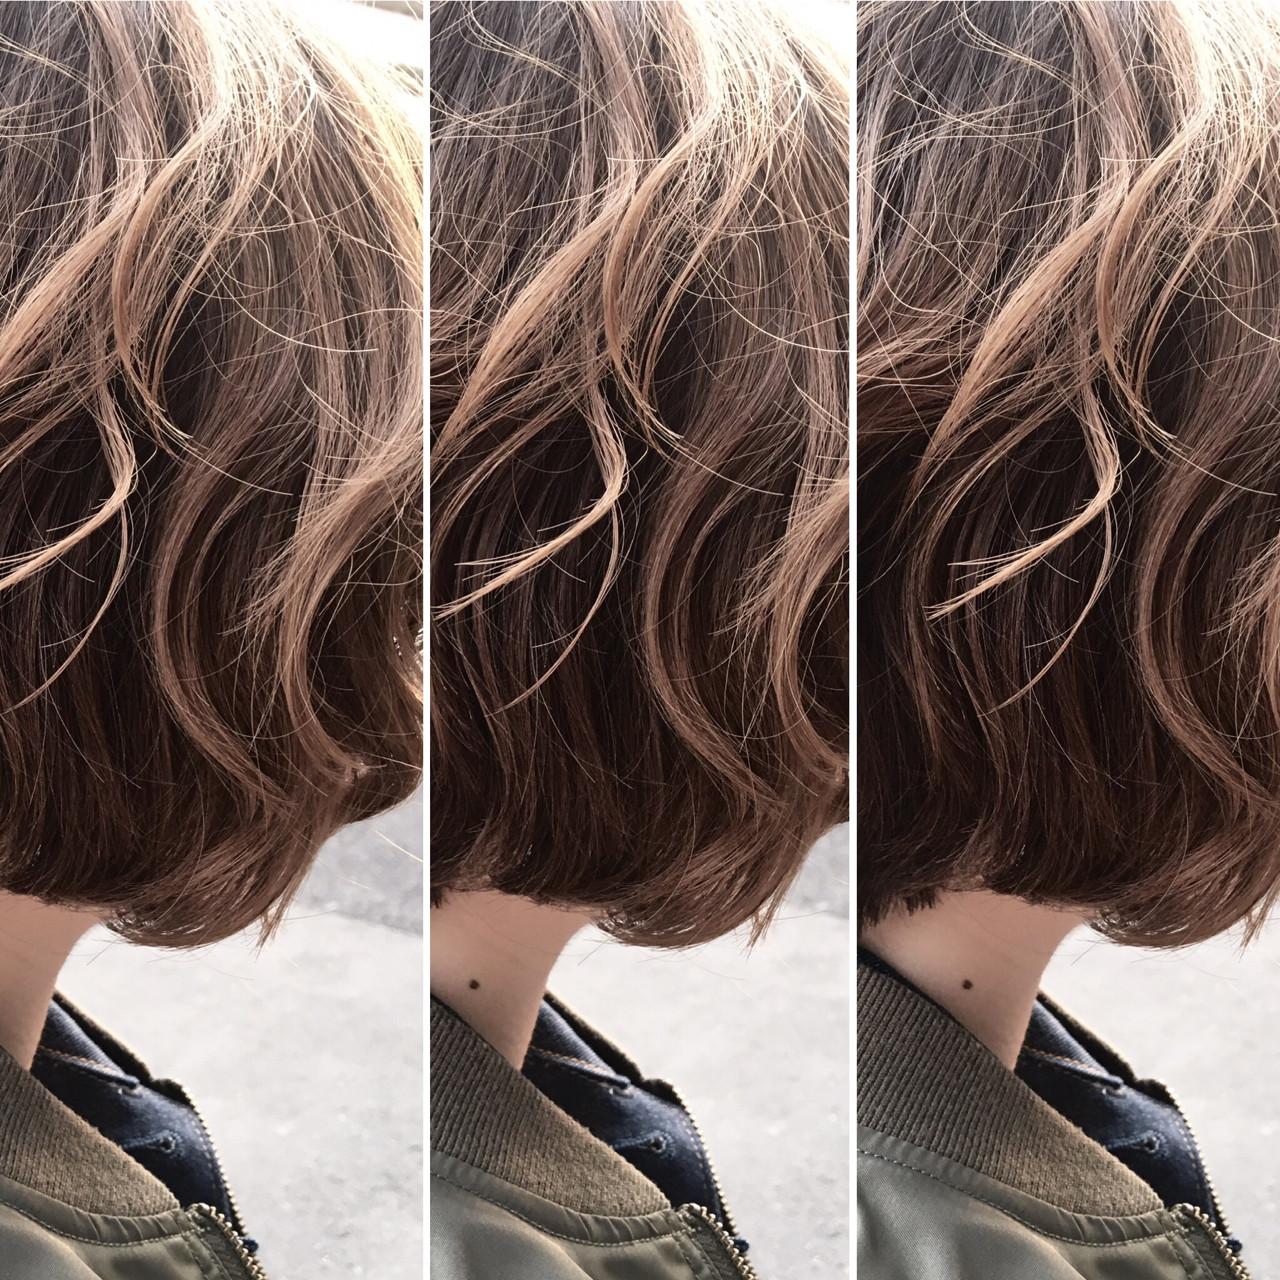 ハイライト アッシュ ナチュラル ニュアンス ヘアスタイルや髪型の写真・画像 | 植野 朋樹 / chaleurシャルール